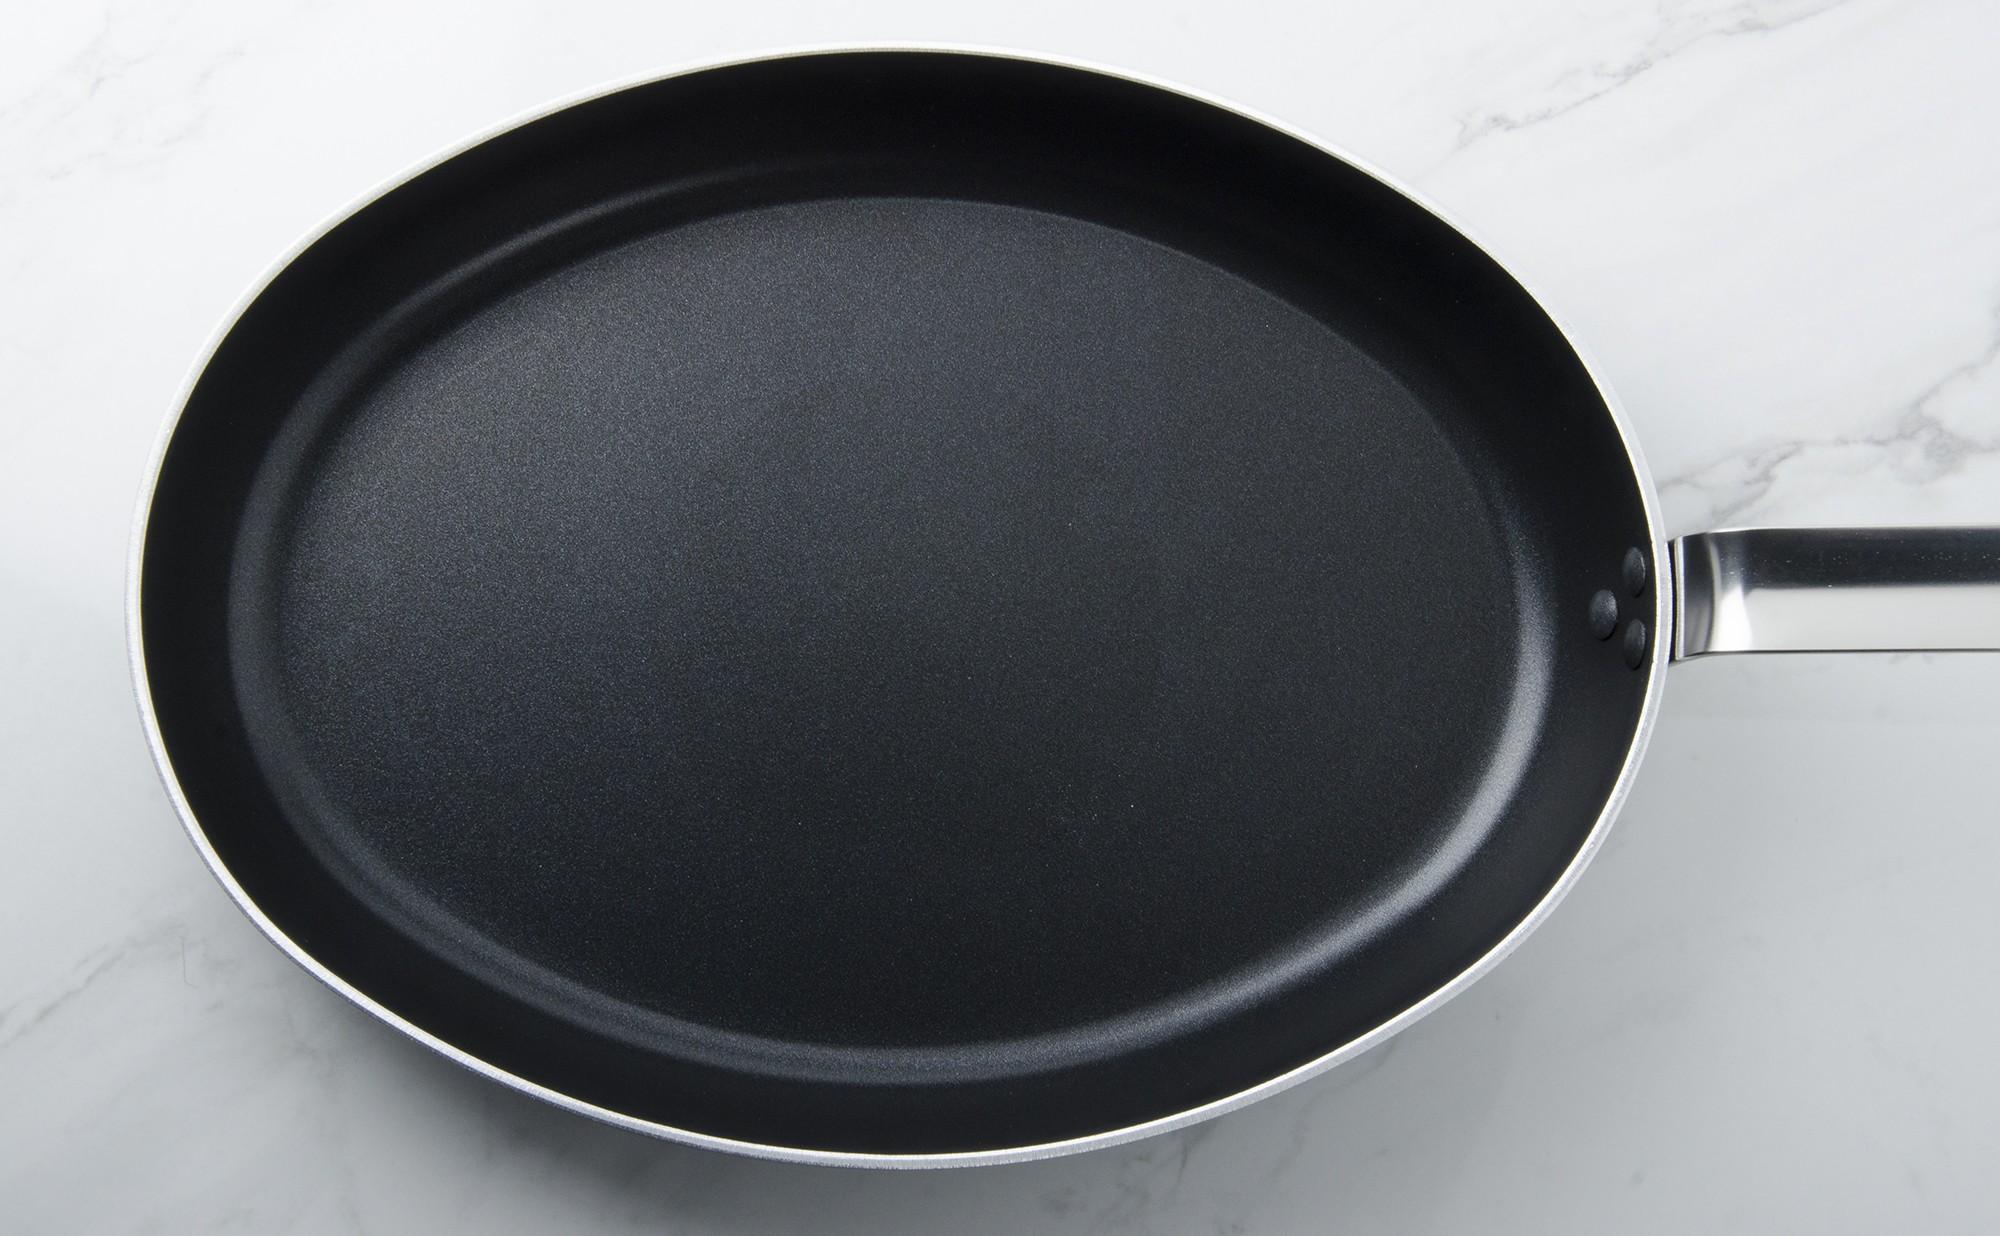 po le ovale anti adh sive bourgeat 36x25 cm chef colichef. Black Bedroom Furniture Sets. Home Design Ideas